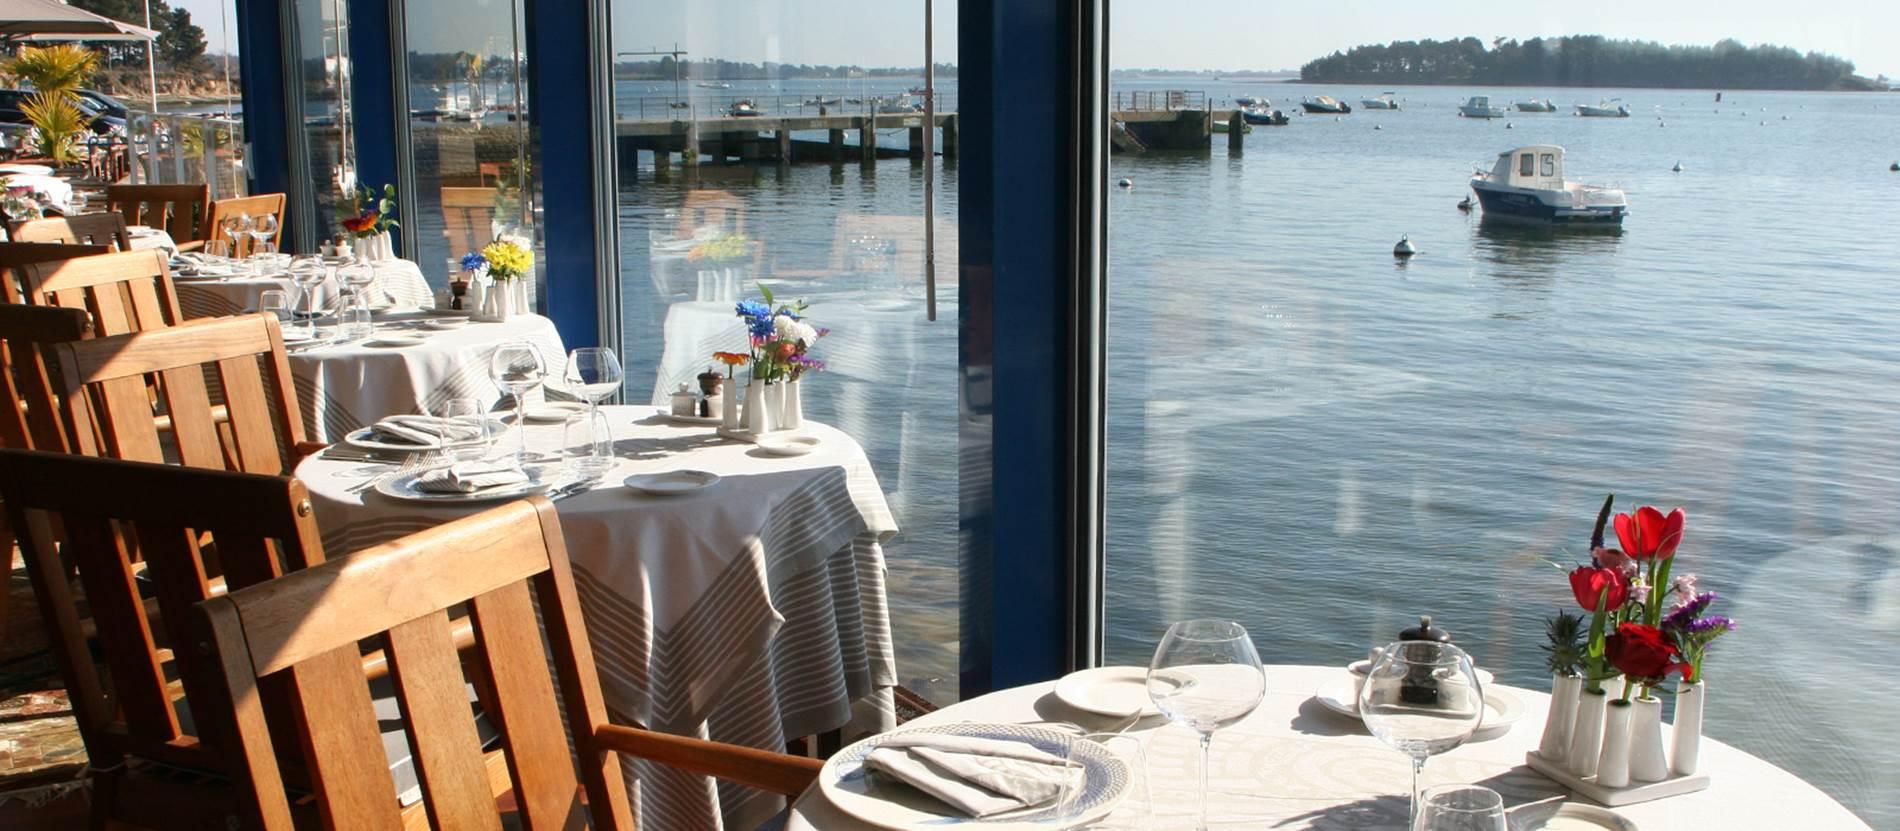 Hotel-Restaurant-Les-Venetes-Arradon-Morbihan-Bretagne-Sud © Hotel-Restaurant-Les-Venetes-Arradon